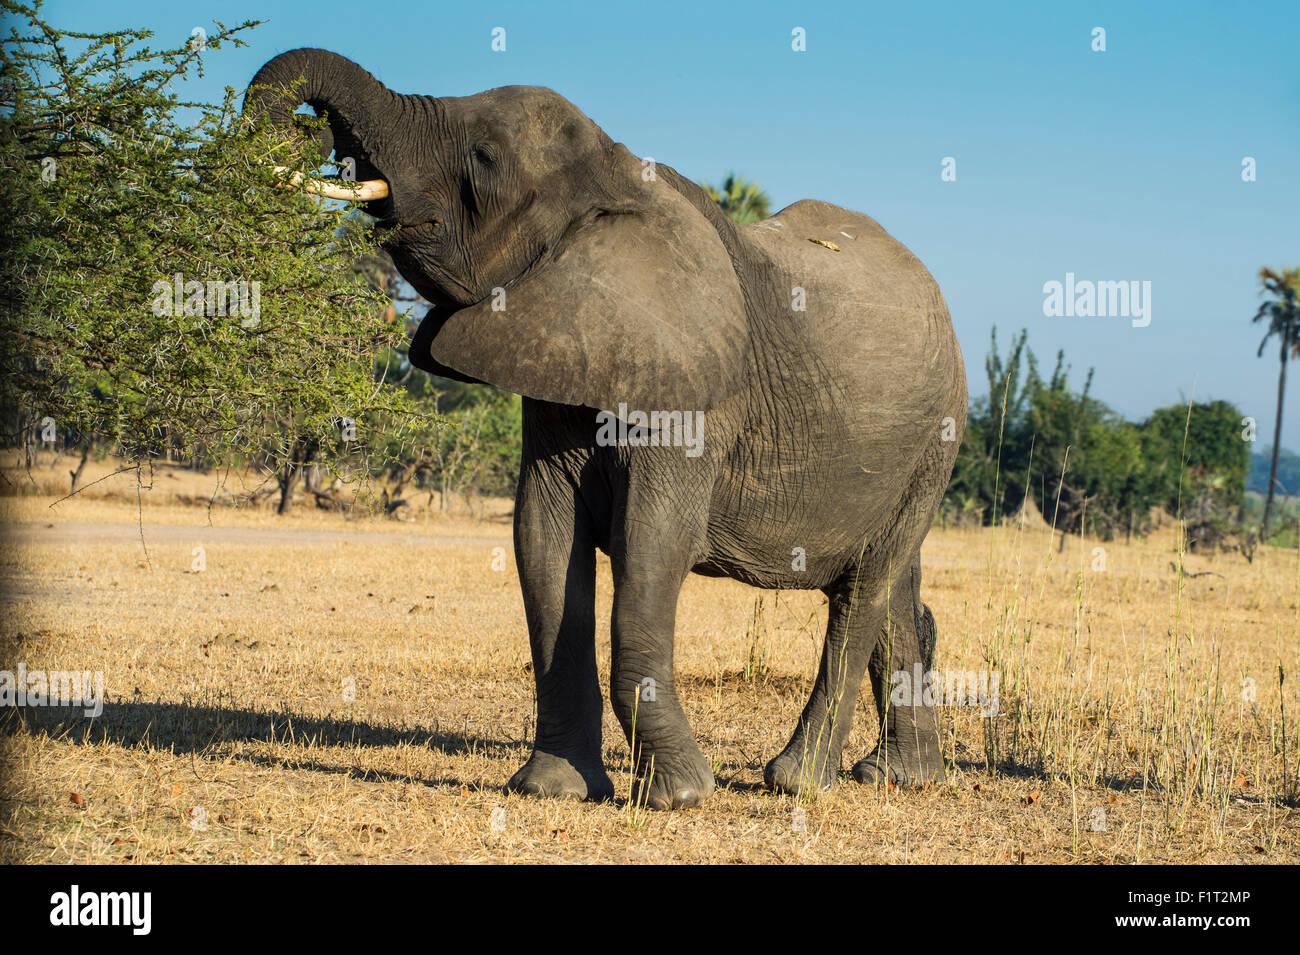 Bush africain elephant (Loxodonta africana) de manger d'un arbre, le Parc National de Liwonde, Malawi, Afrique Photo Stock